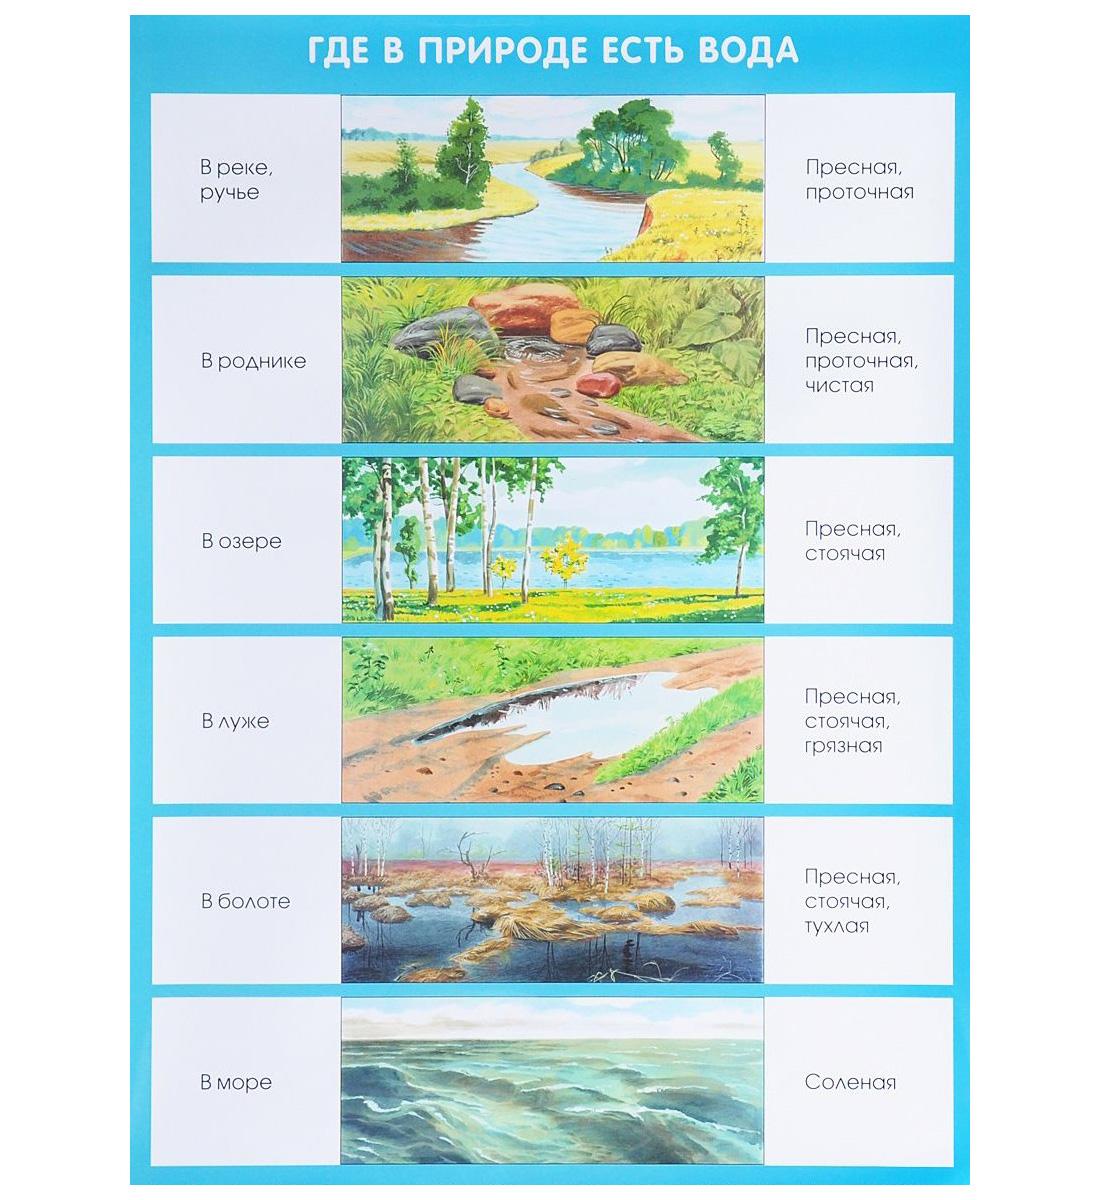 Плакат Николаева С. Н. - Где в природе есть водаРазвивающие пособия и умные карточки<br>Плакат Николаева С. Н. - Где в природе есть вода<br>